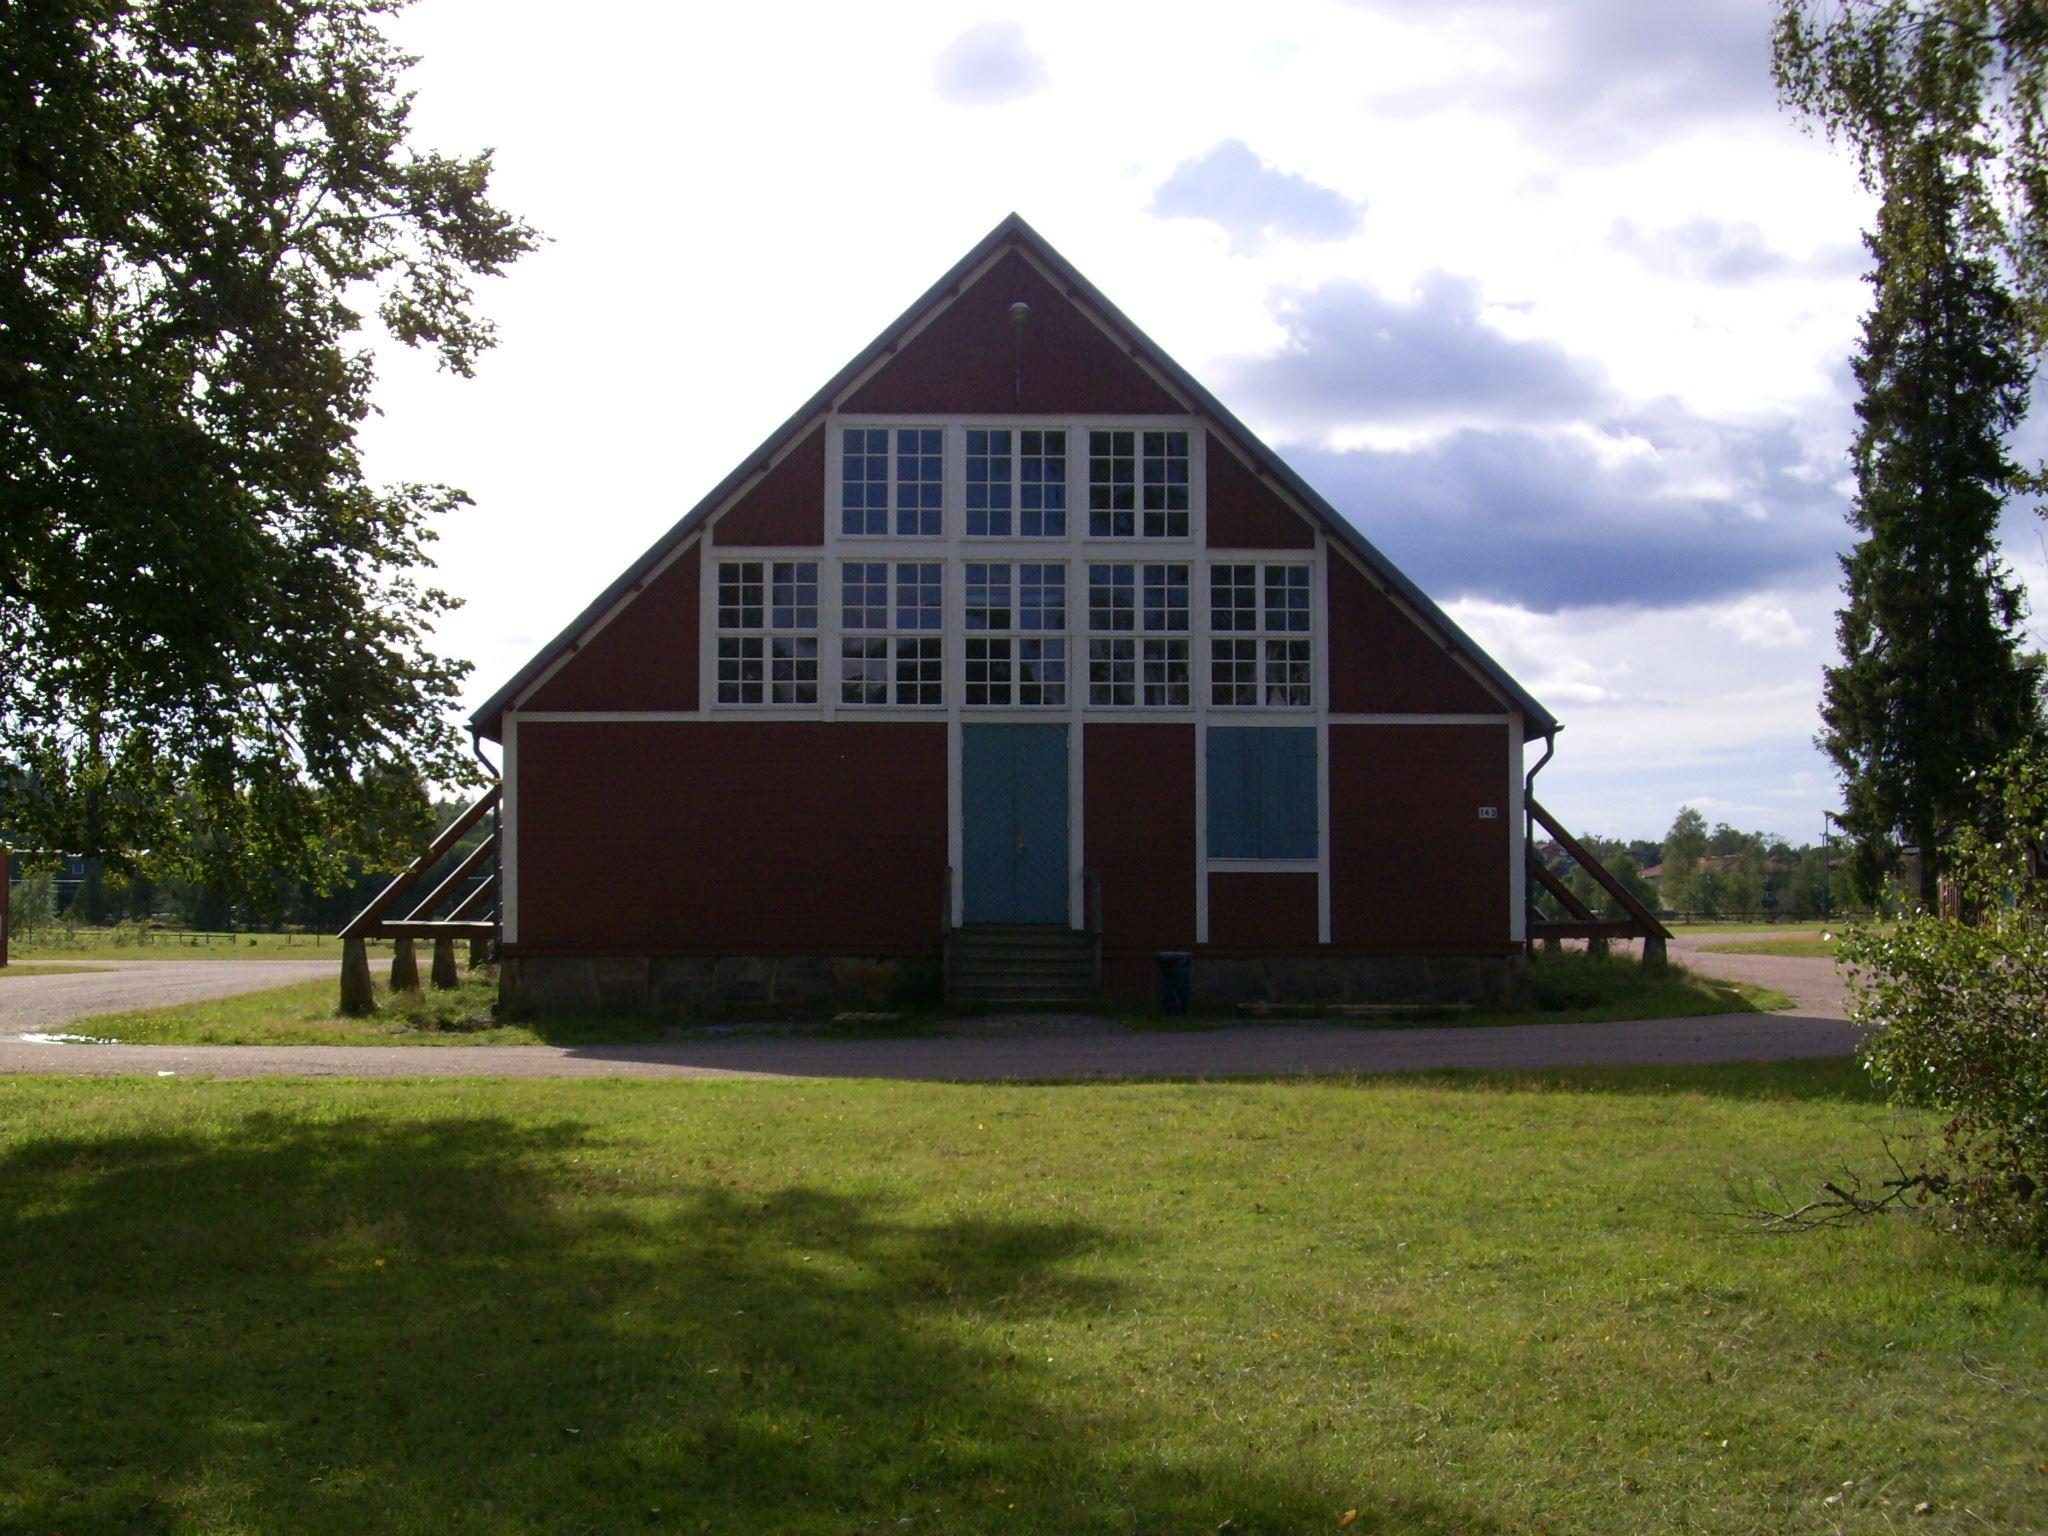 Vaggeryds kommun, Västra lägret - Lägerhyddan